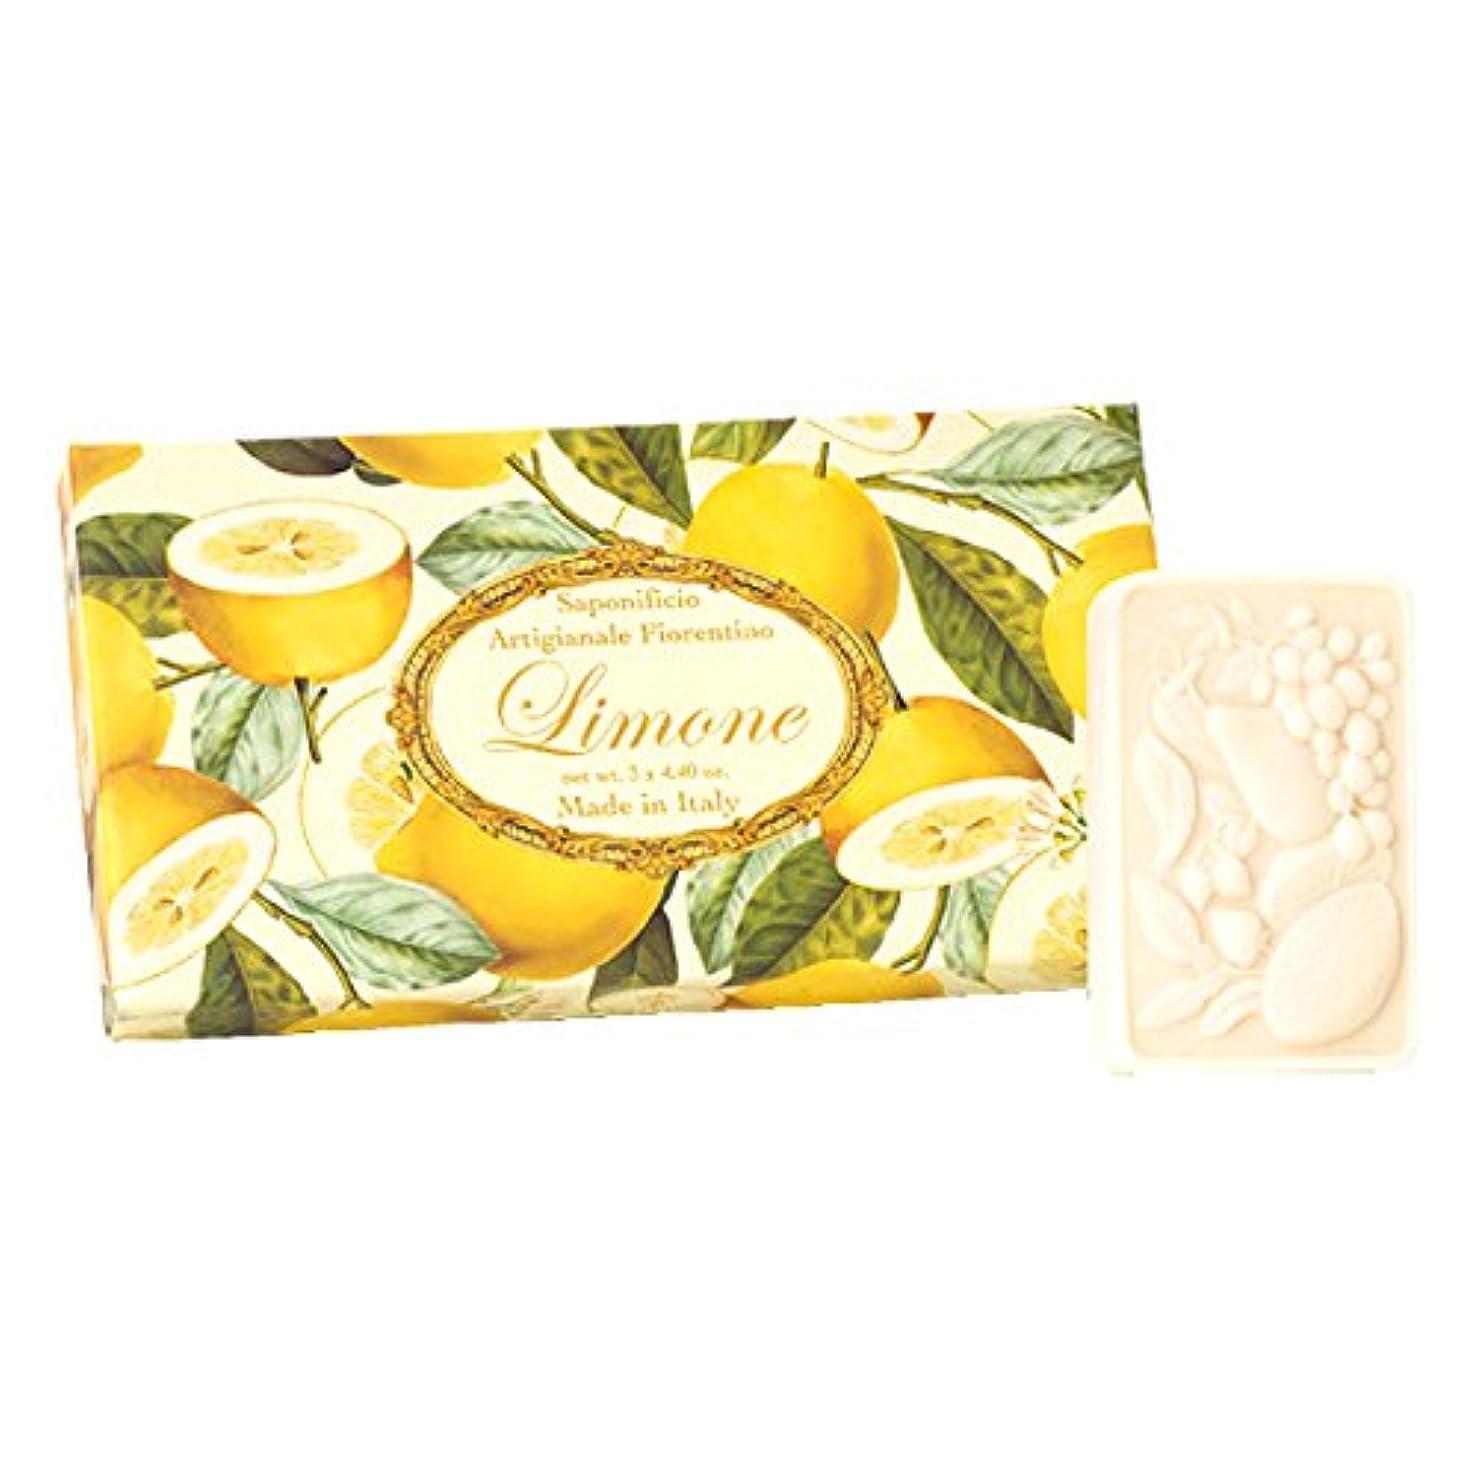 商標相対サイズ小競り合いフィレンツェの 長い歴史から生まれたこだわり石鹸 レモン【刻印125g×3個セット】